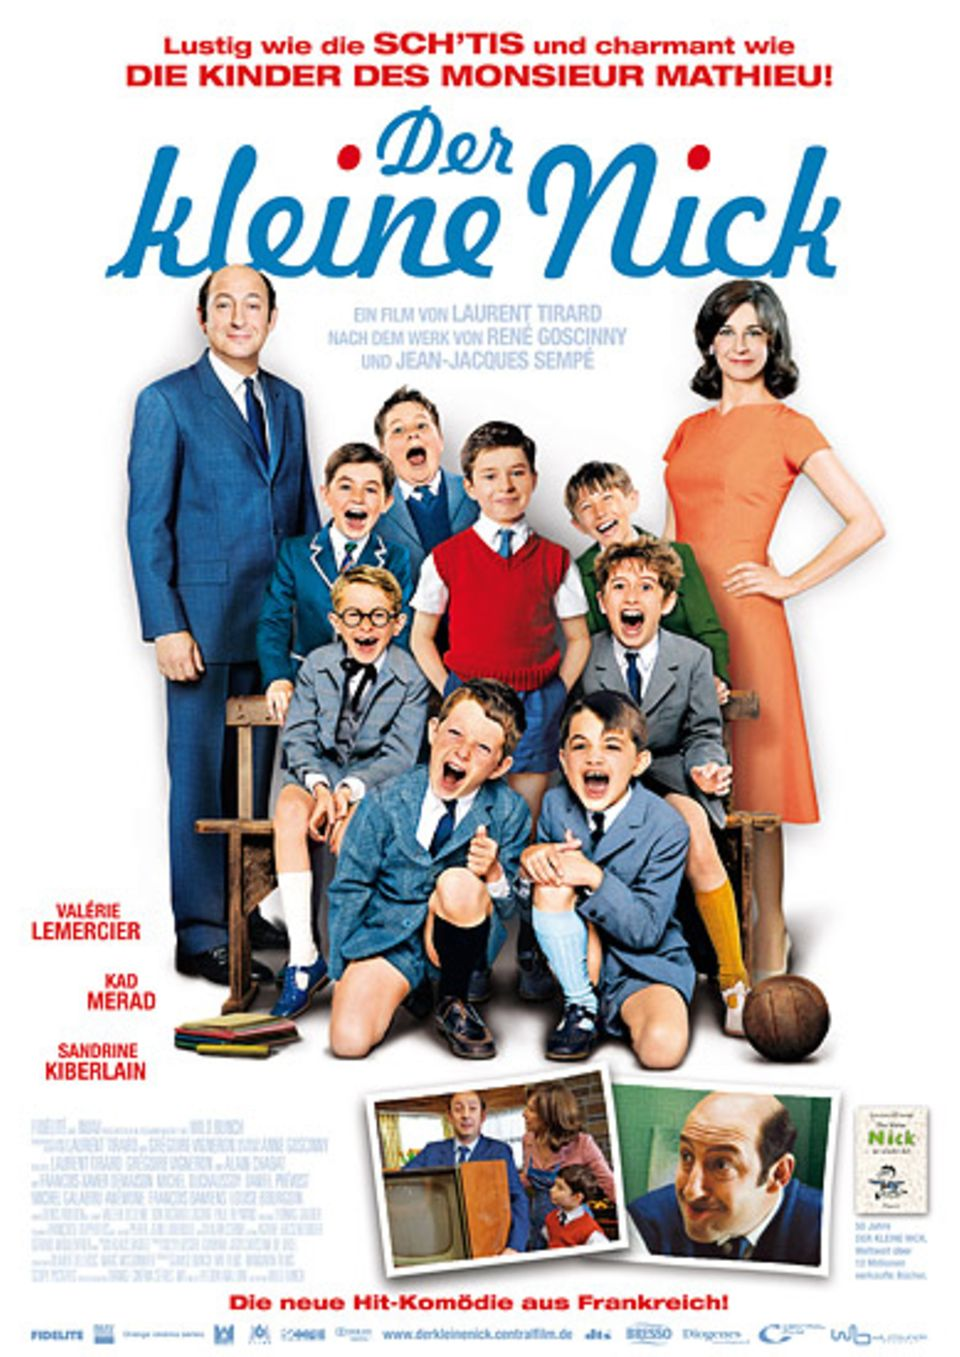 Kinotipp: Der kleine Nick